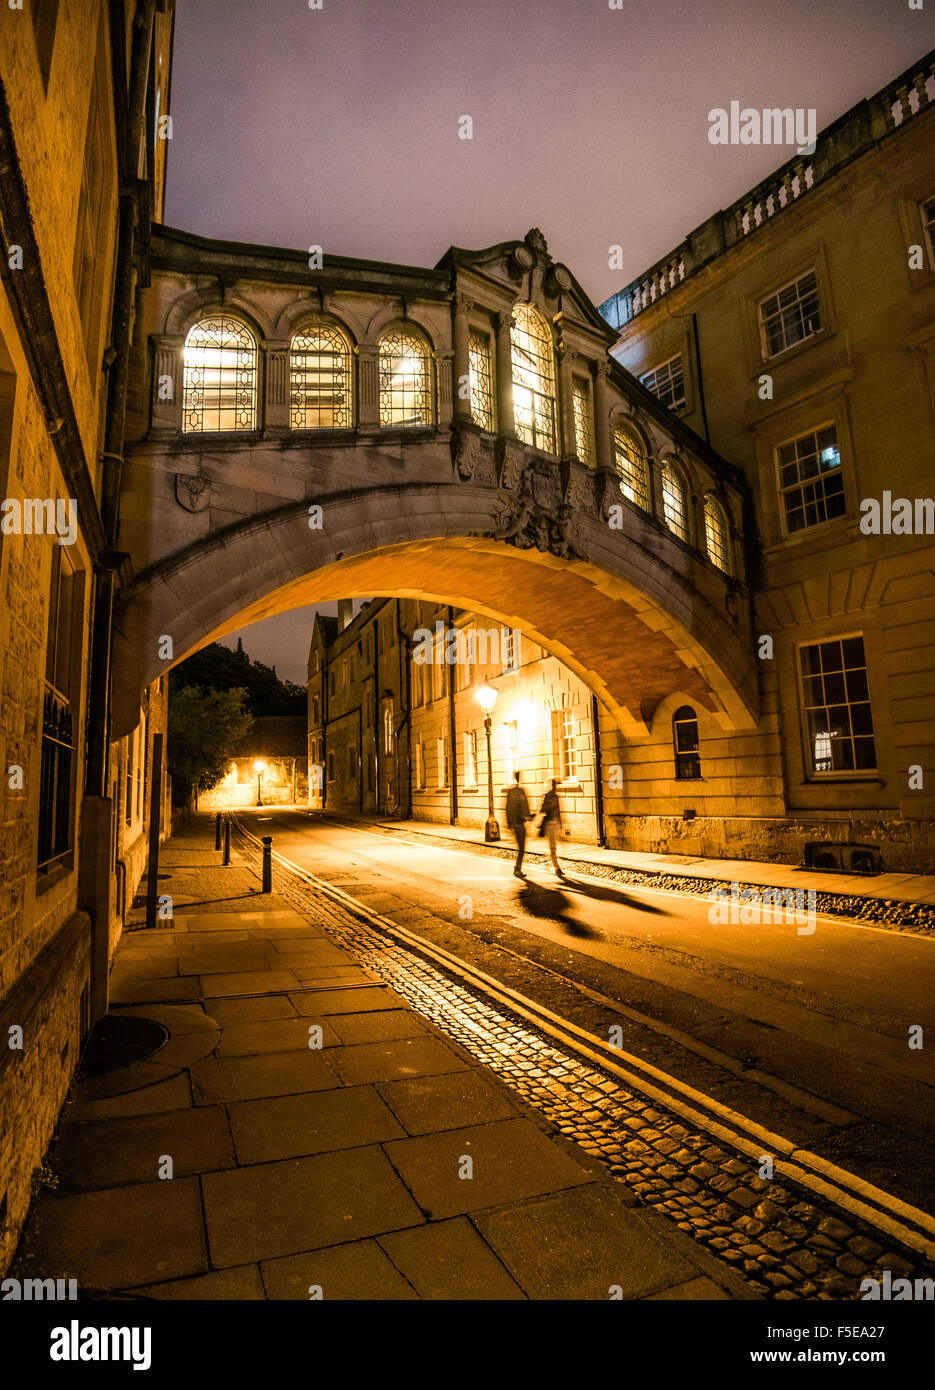 Puente de los Suspiros, Oxford, Oxford, Inglaterra, Reino Unido, Europa Imagen De Stock